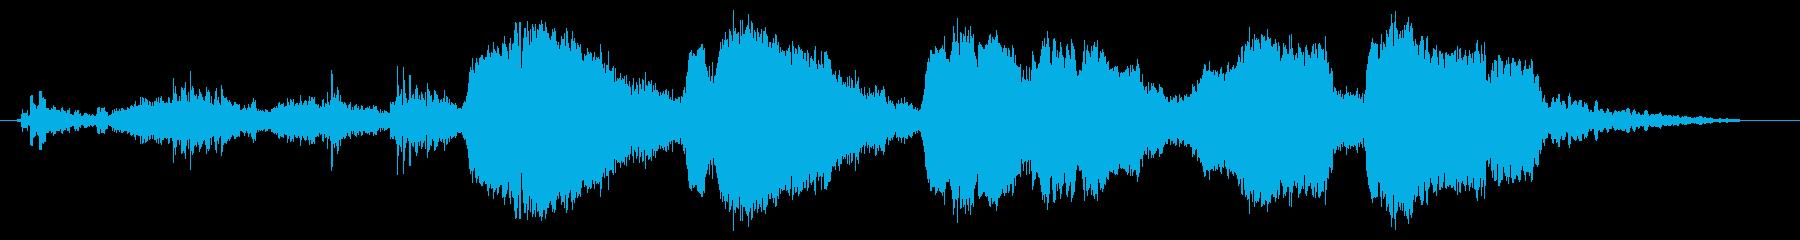 ダークでシリアスなシーン その3の再生済みの波形